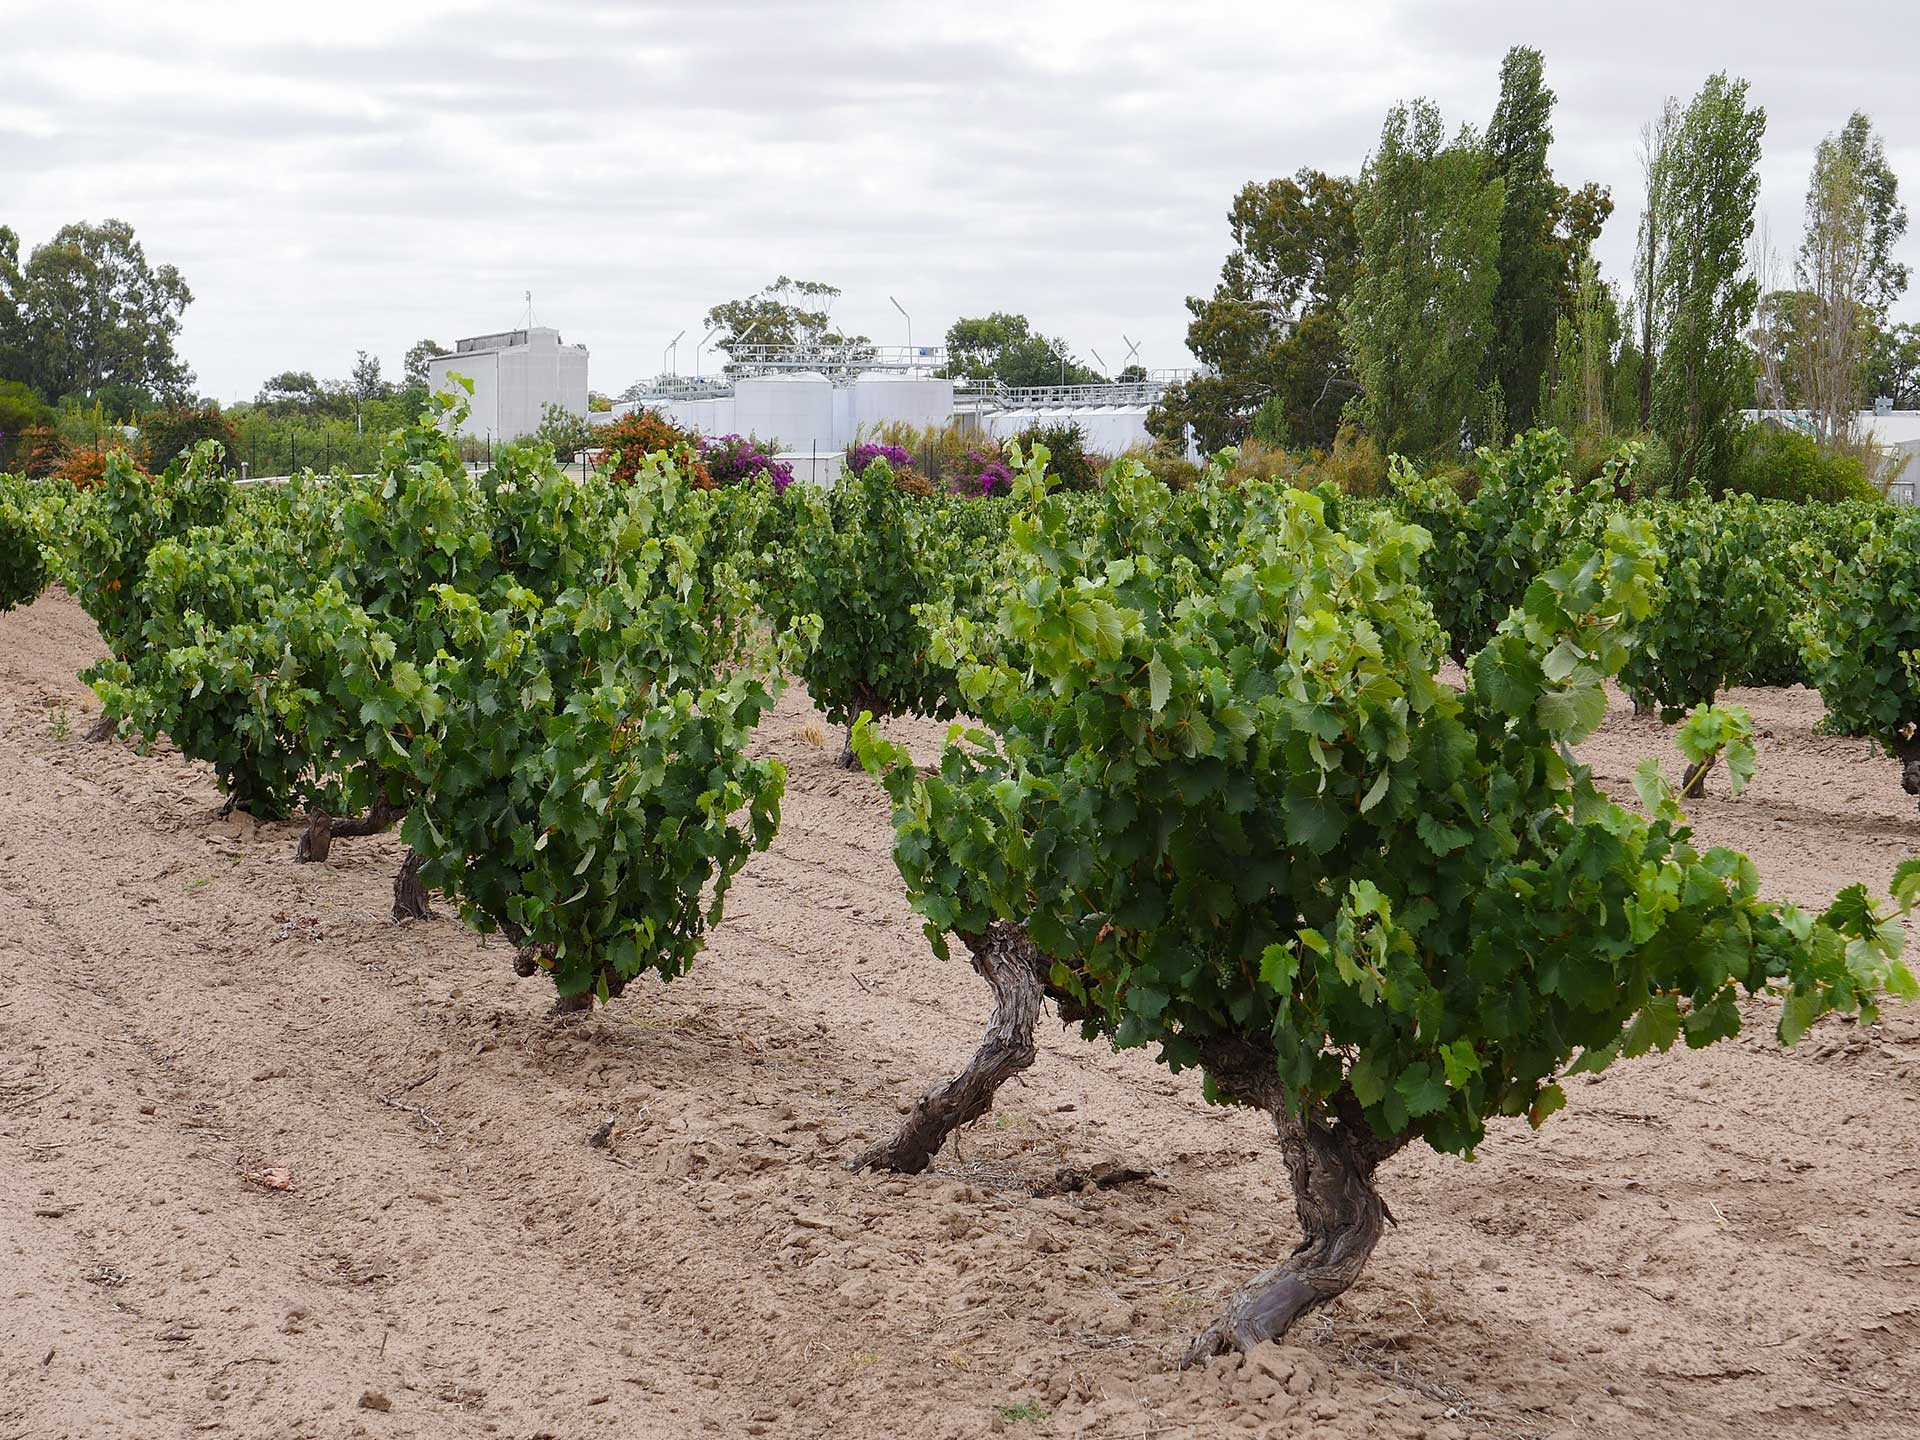 Dry grown old grape vines